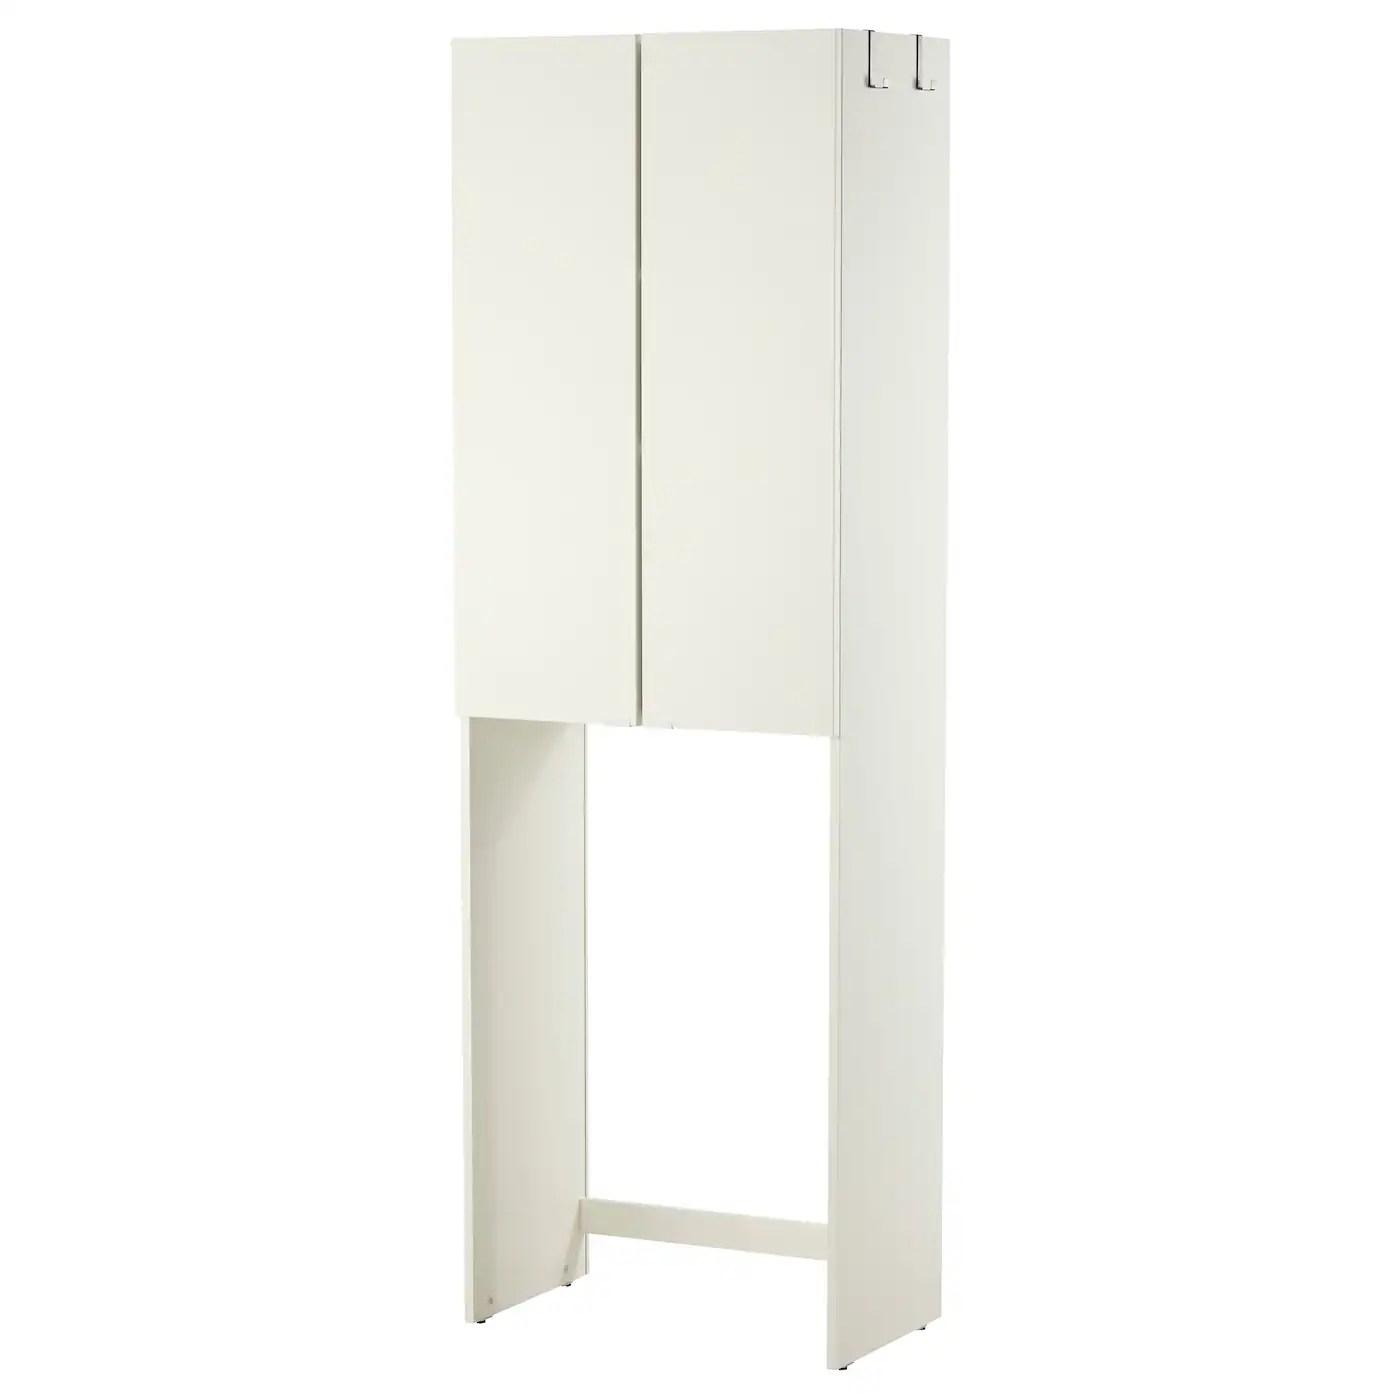 Lillangen Meuble Pour Machine A Laver Blanc 64x38x195 Cm Ikea